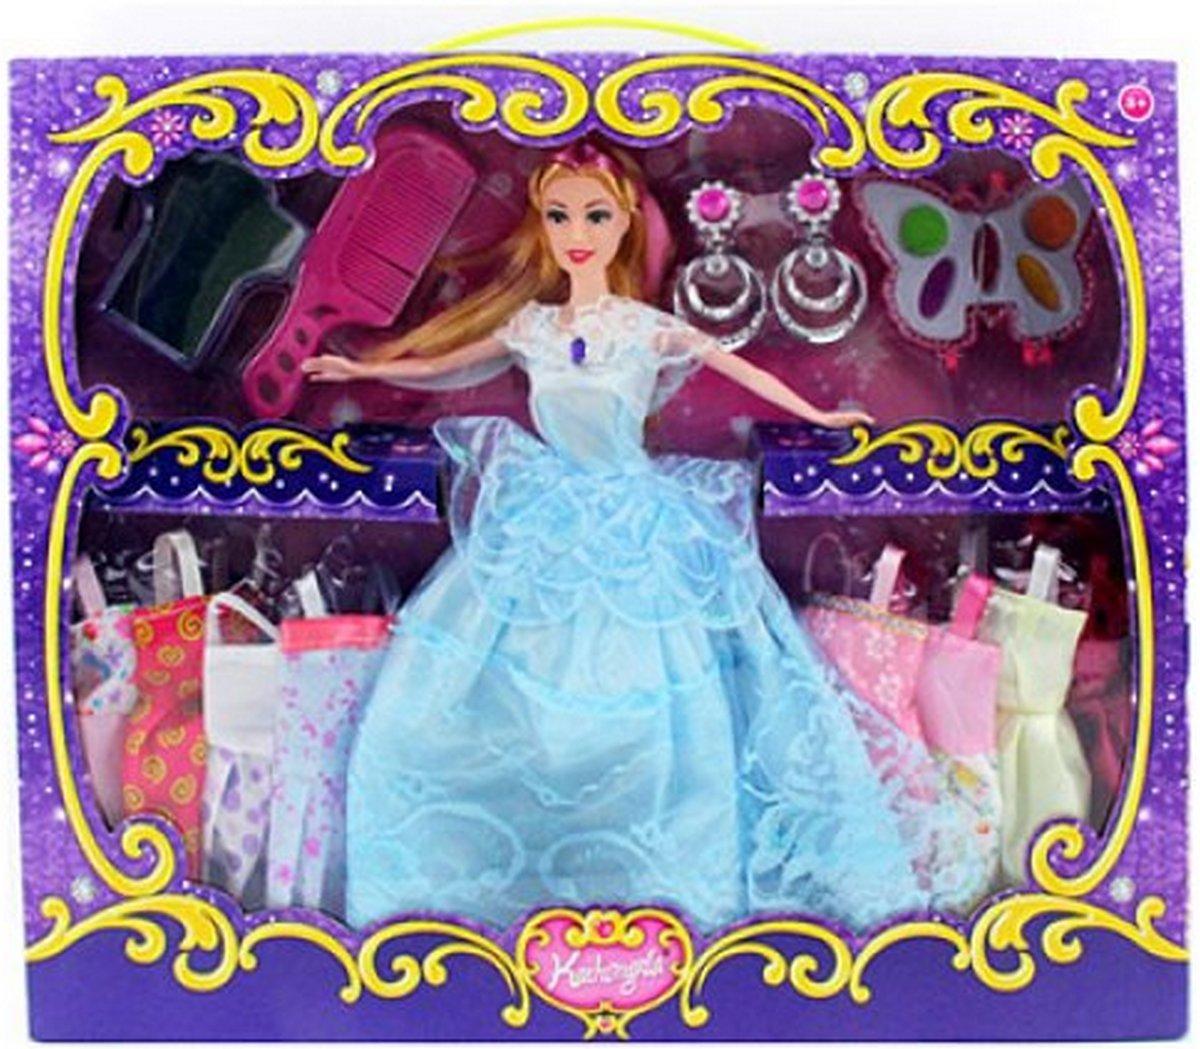 Кукла с платьями и косметикой 836368-3 купить в Украине ...